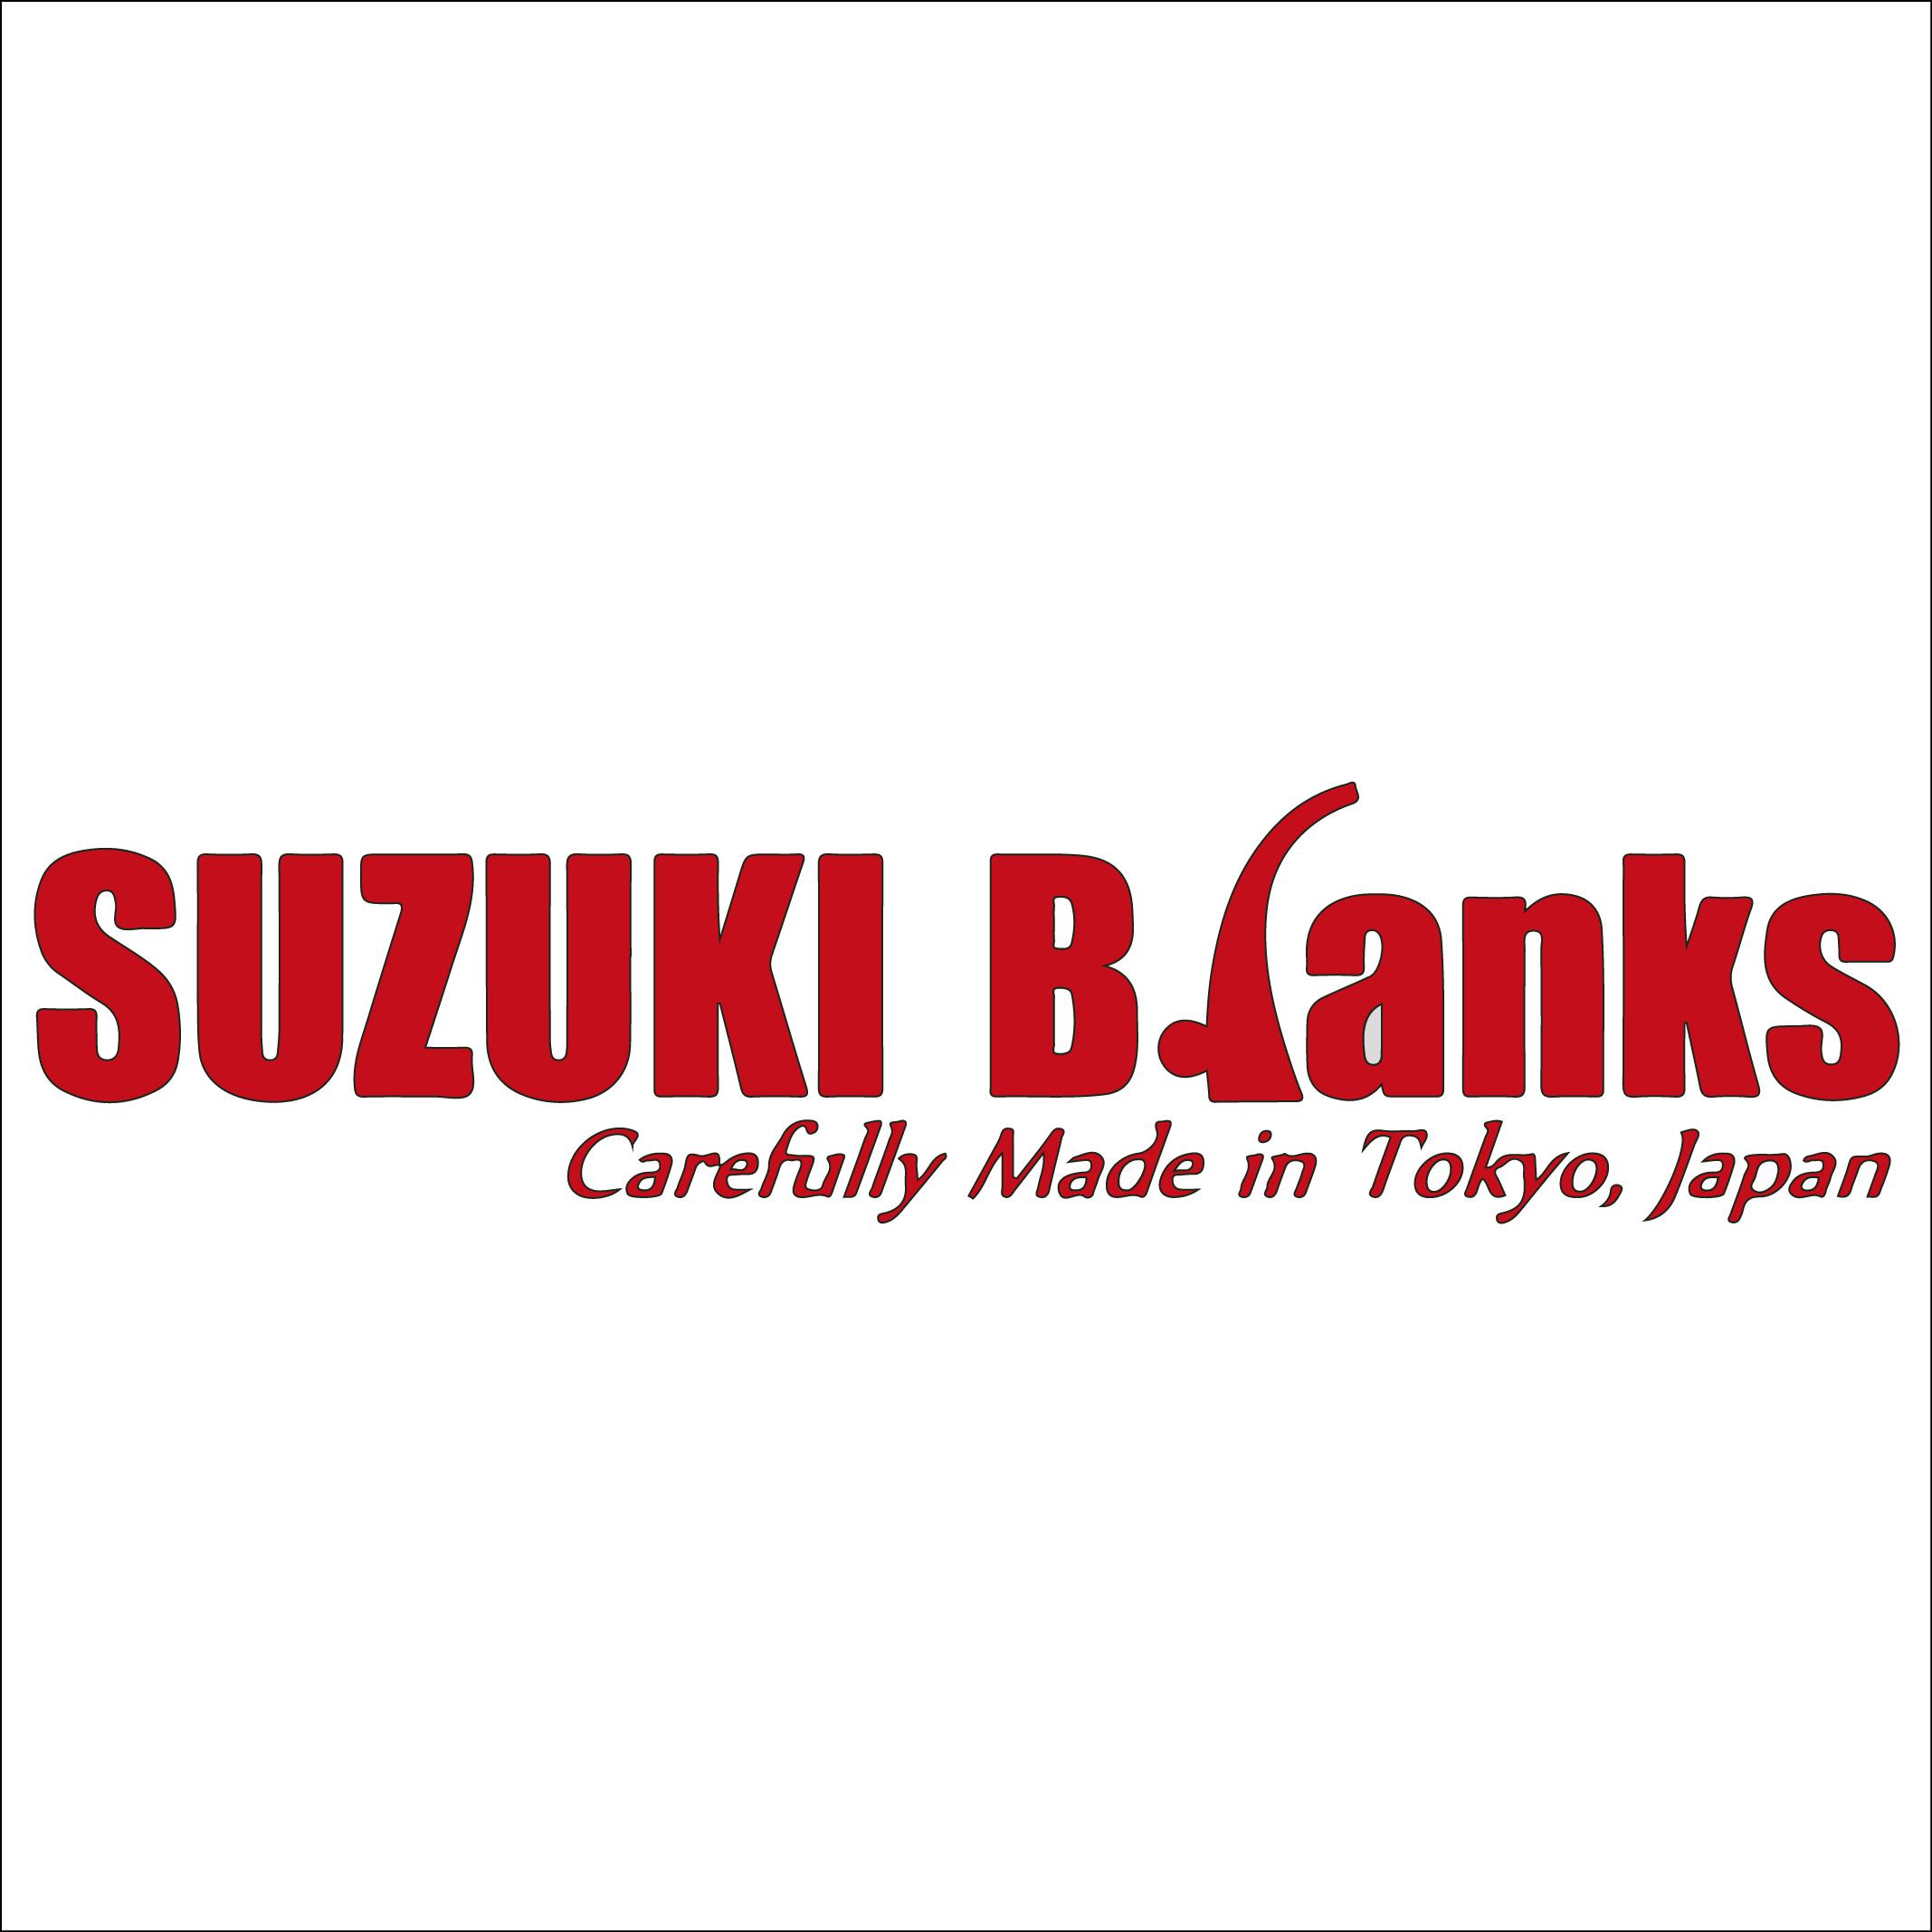 Suzuki Blanks